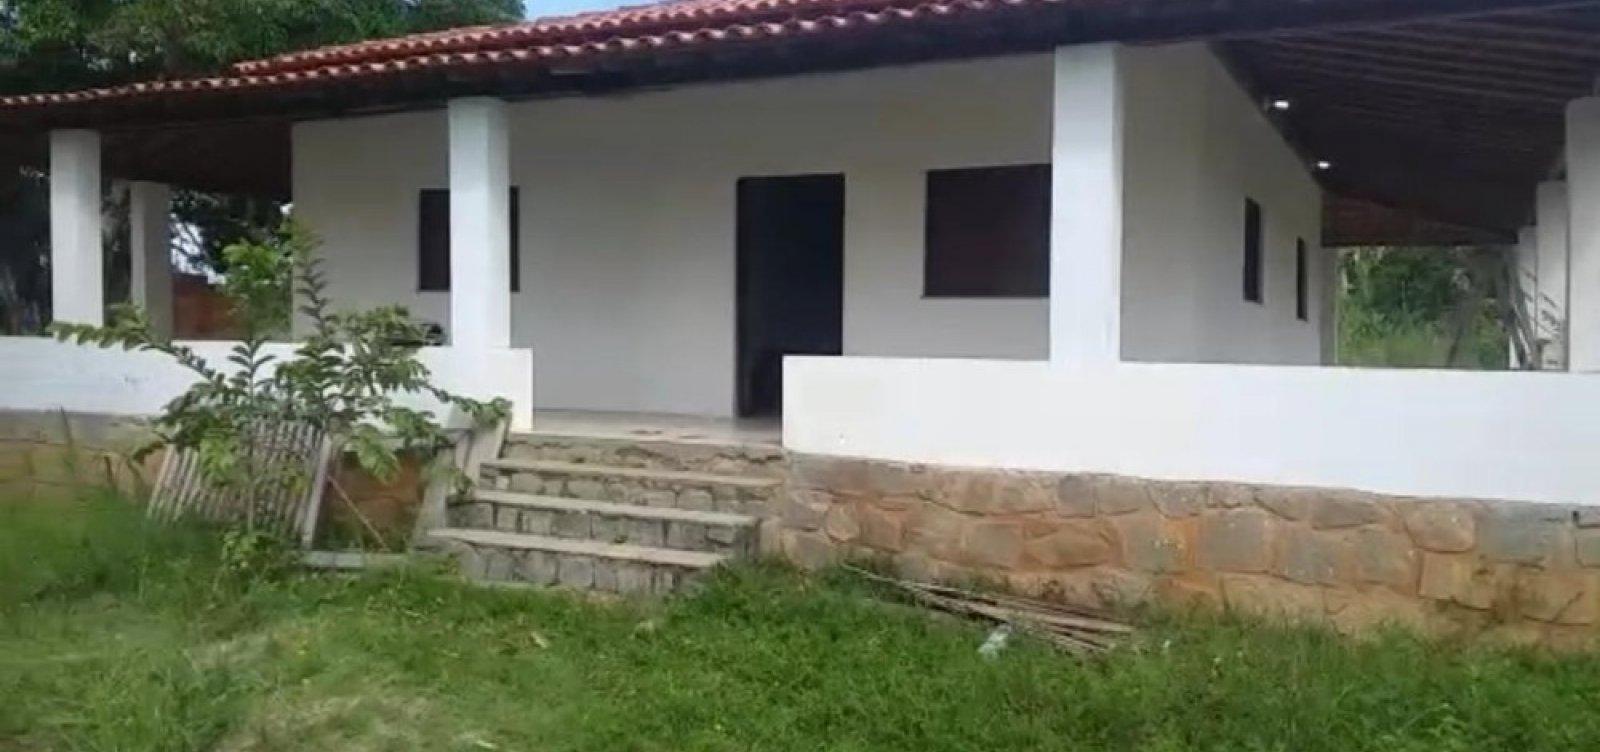 [Delegado diz que Adriano da Nóbrega visitava a Bahia 'há cerca de dois, três anos']